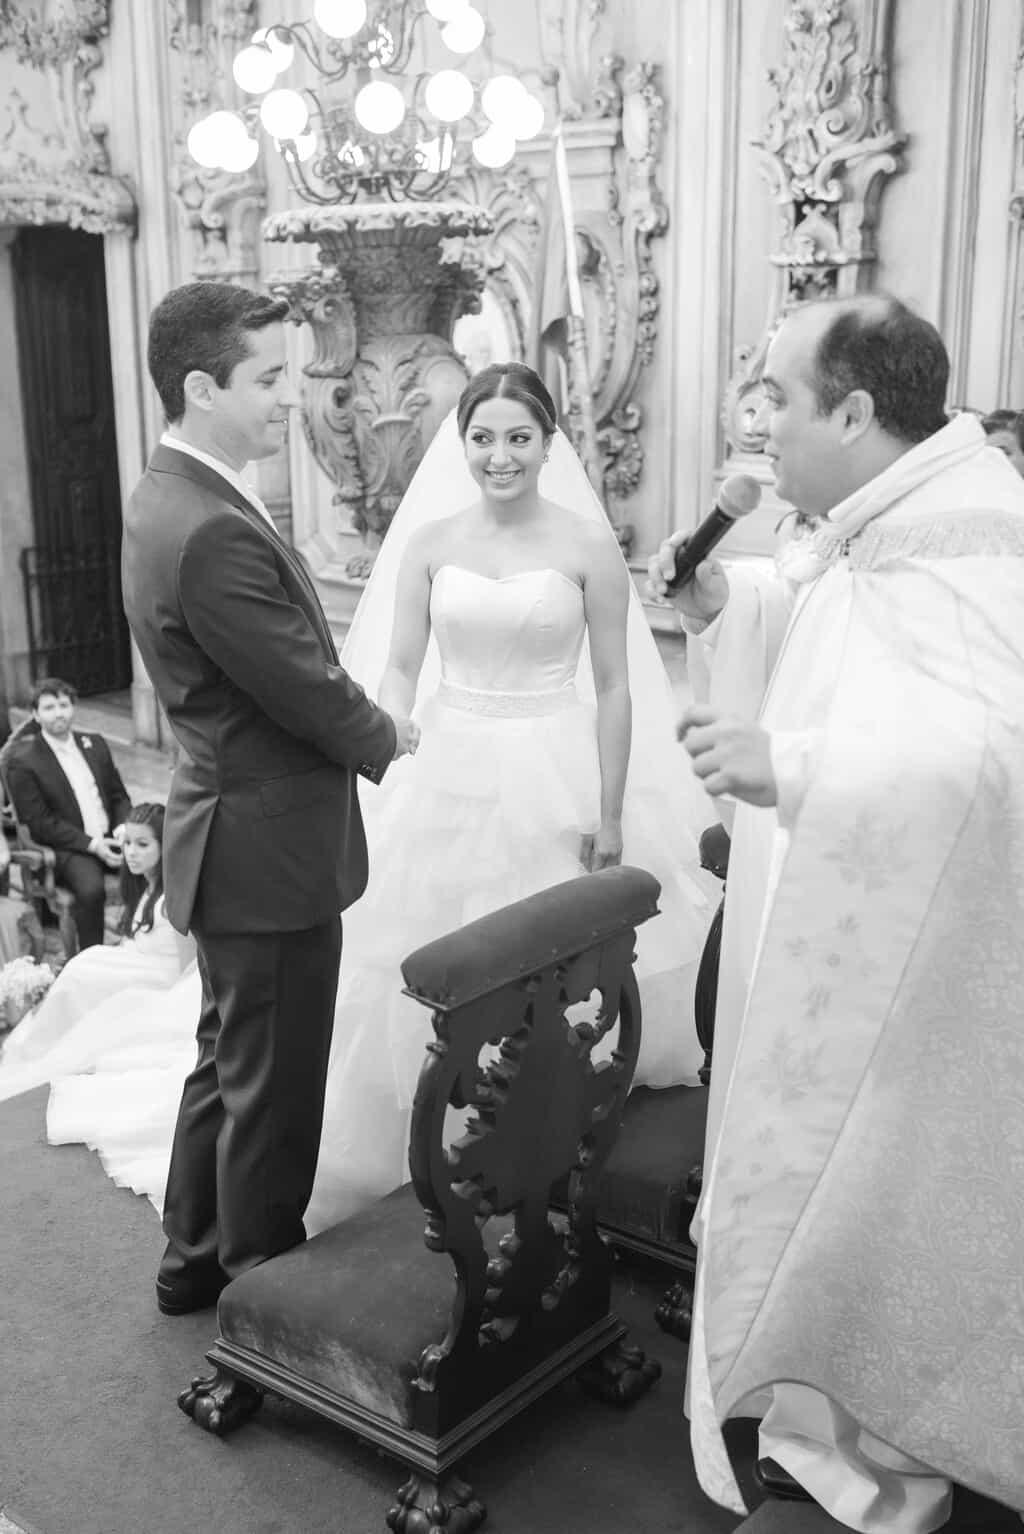 casamento-Karynna-e-Fernando-cerimonia-na-igreja-cerimonial-TCD-Eventos-fotografia-Marina-Fava-Igreja-São-Francisco-de-Paula61